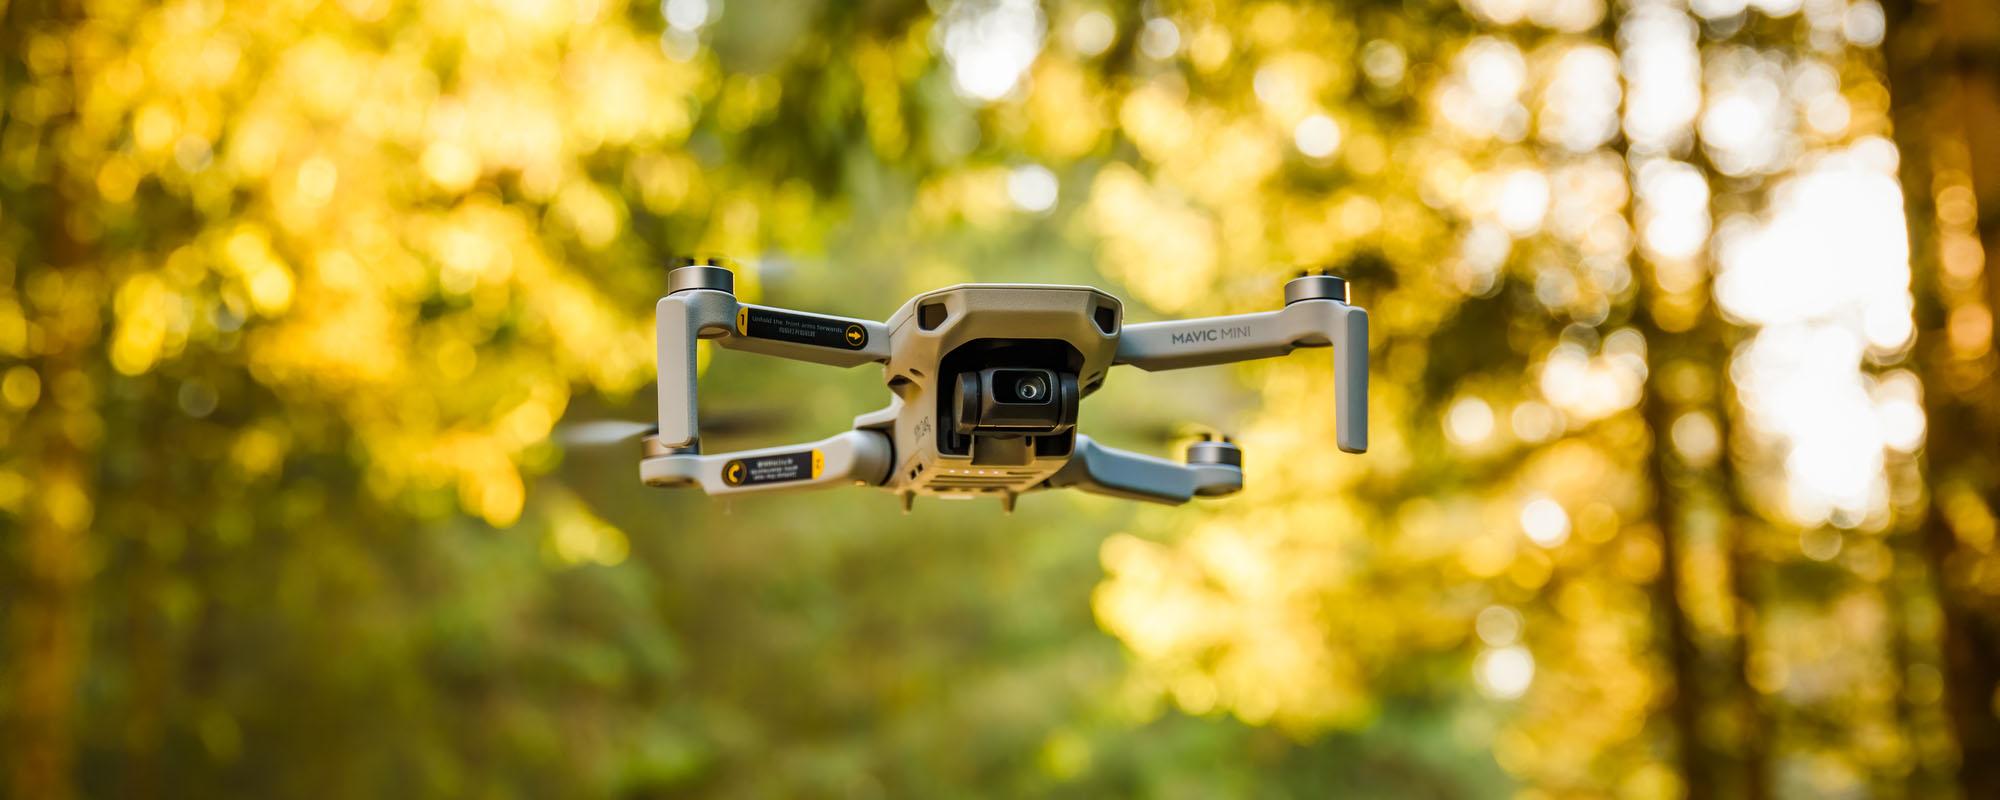 Beste mini drone met camera: Mijn persoonlijke top 2 van 2020